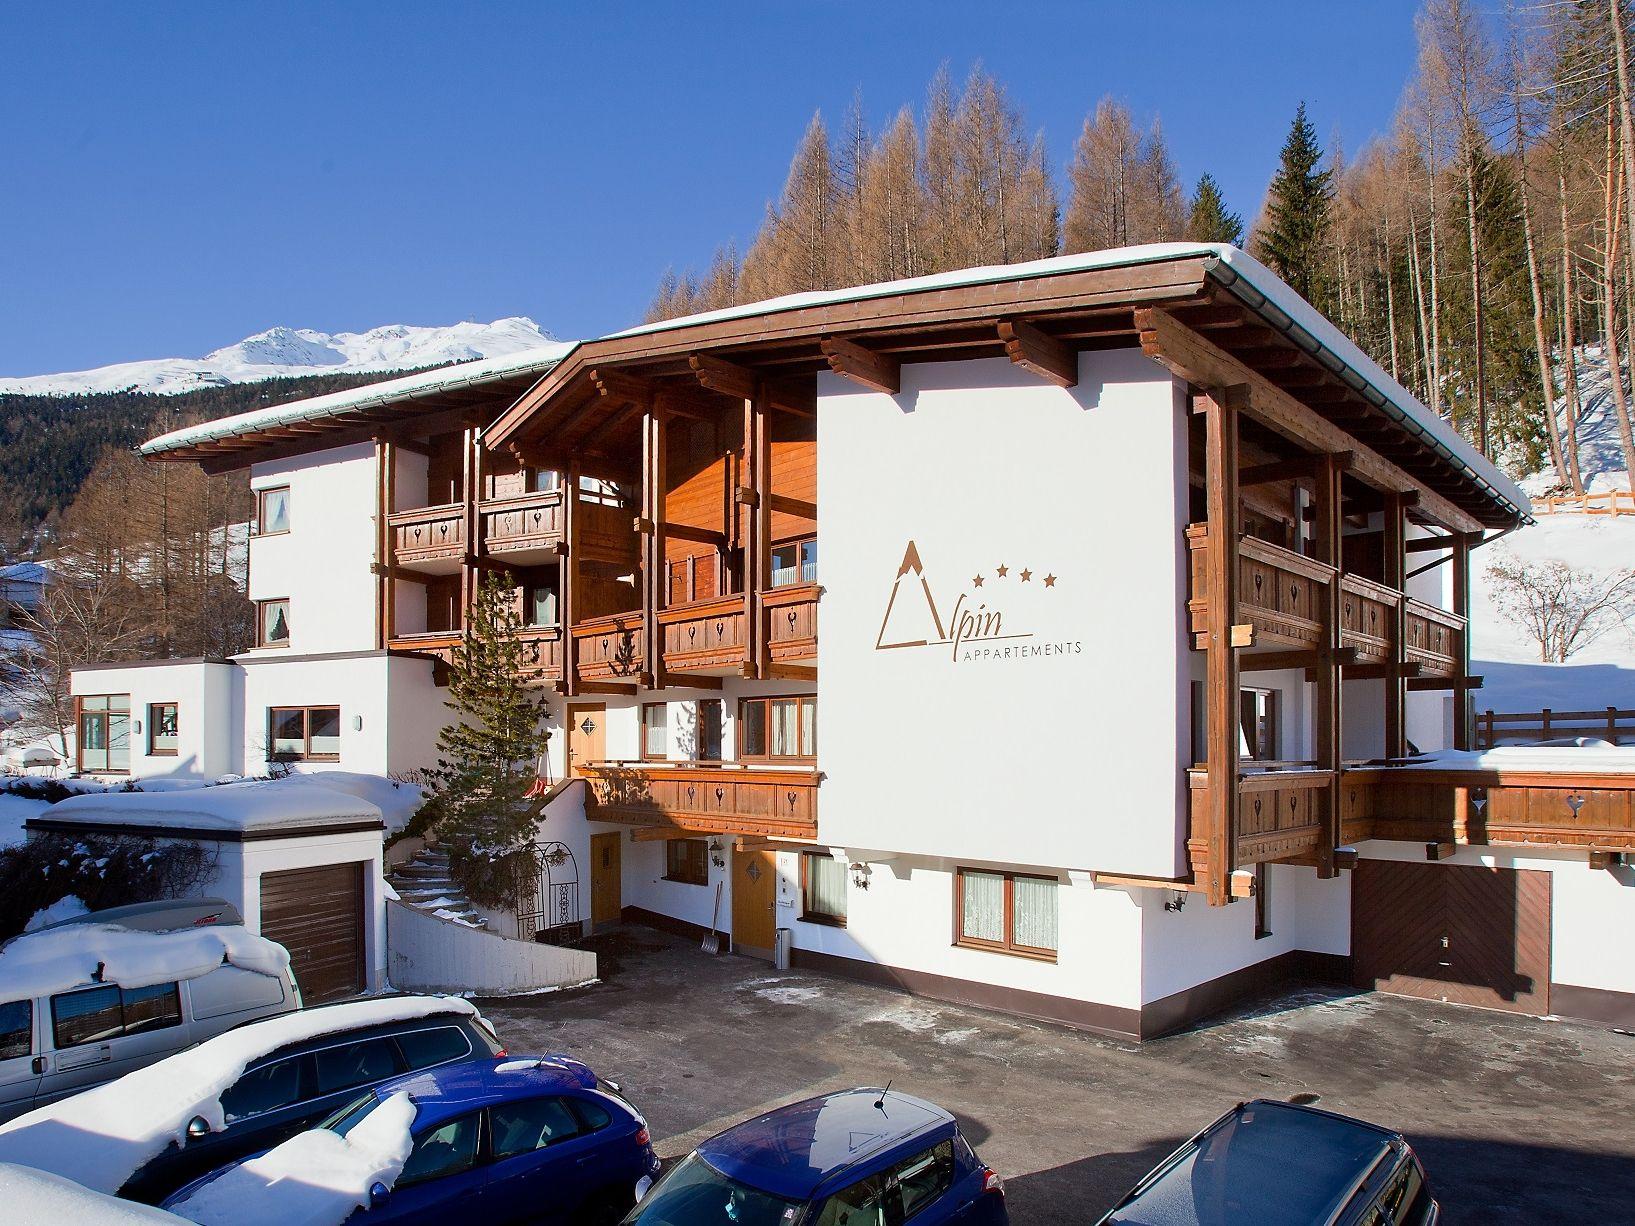 Appartement Alpin Gaislachkogel - 10-12 personen